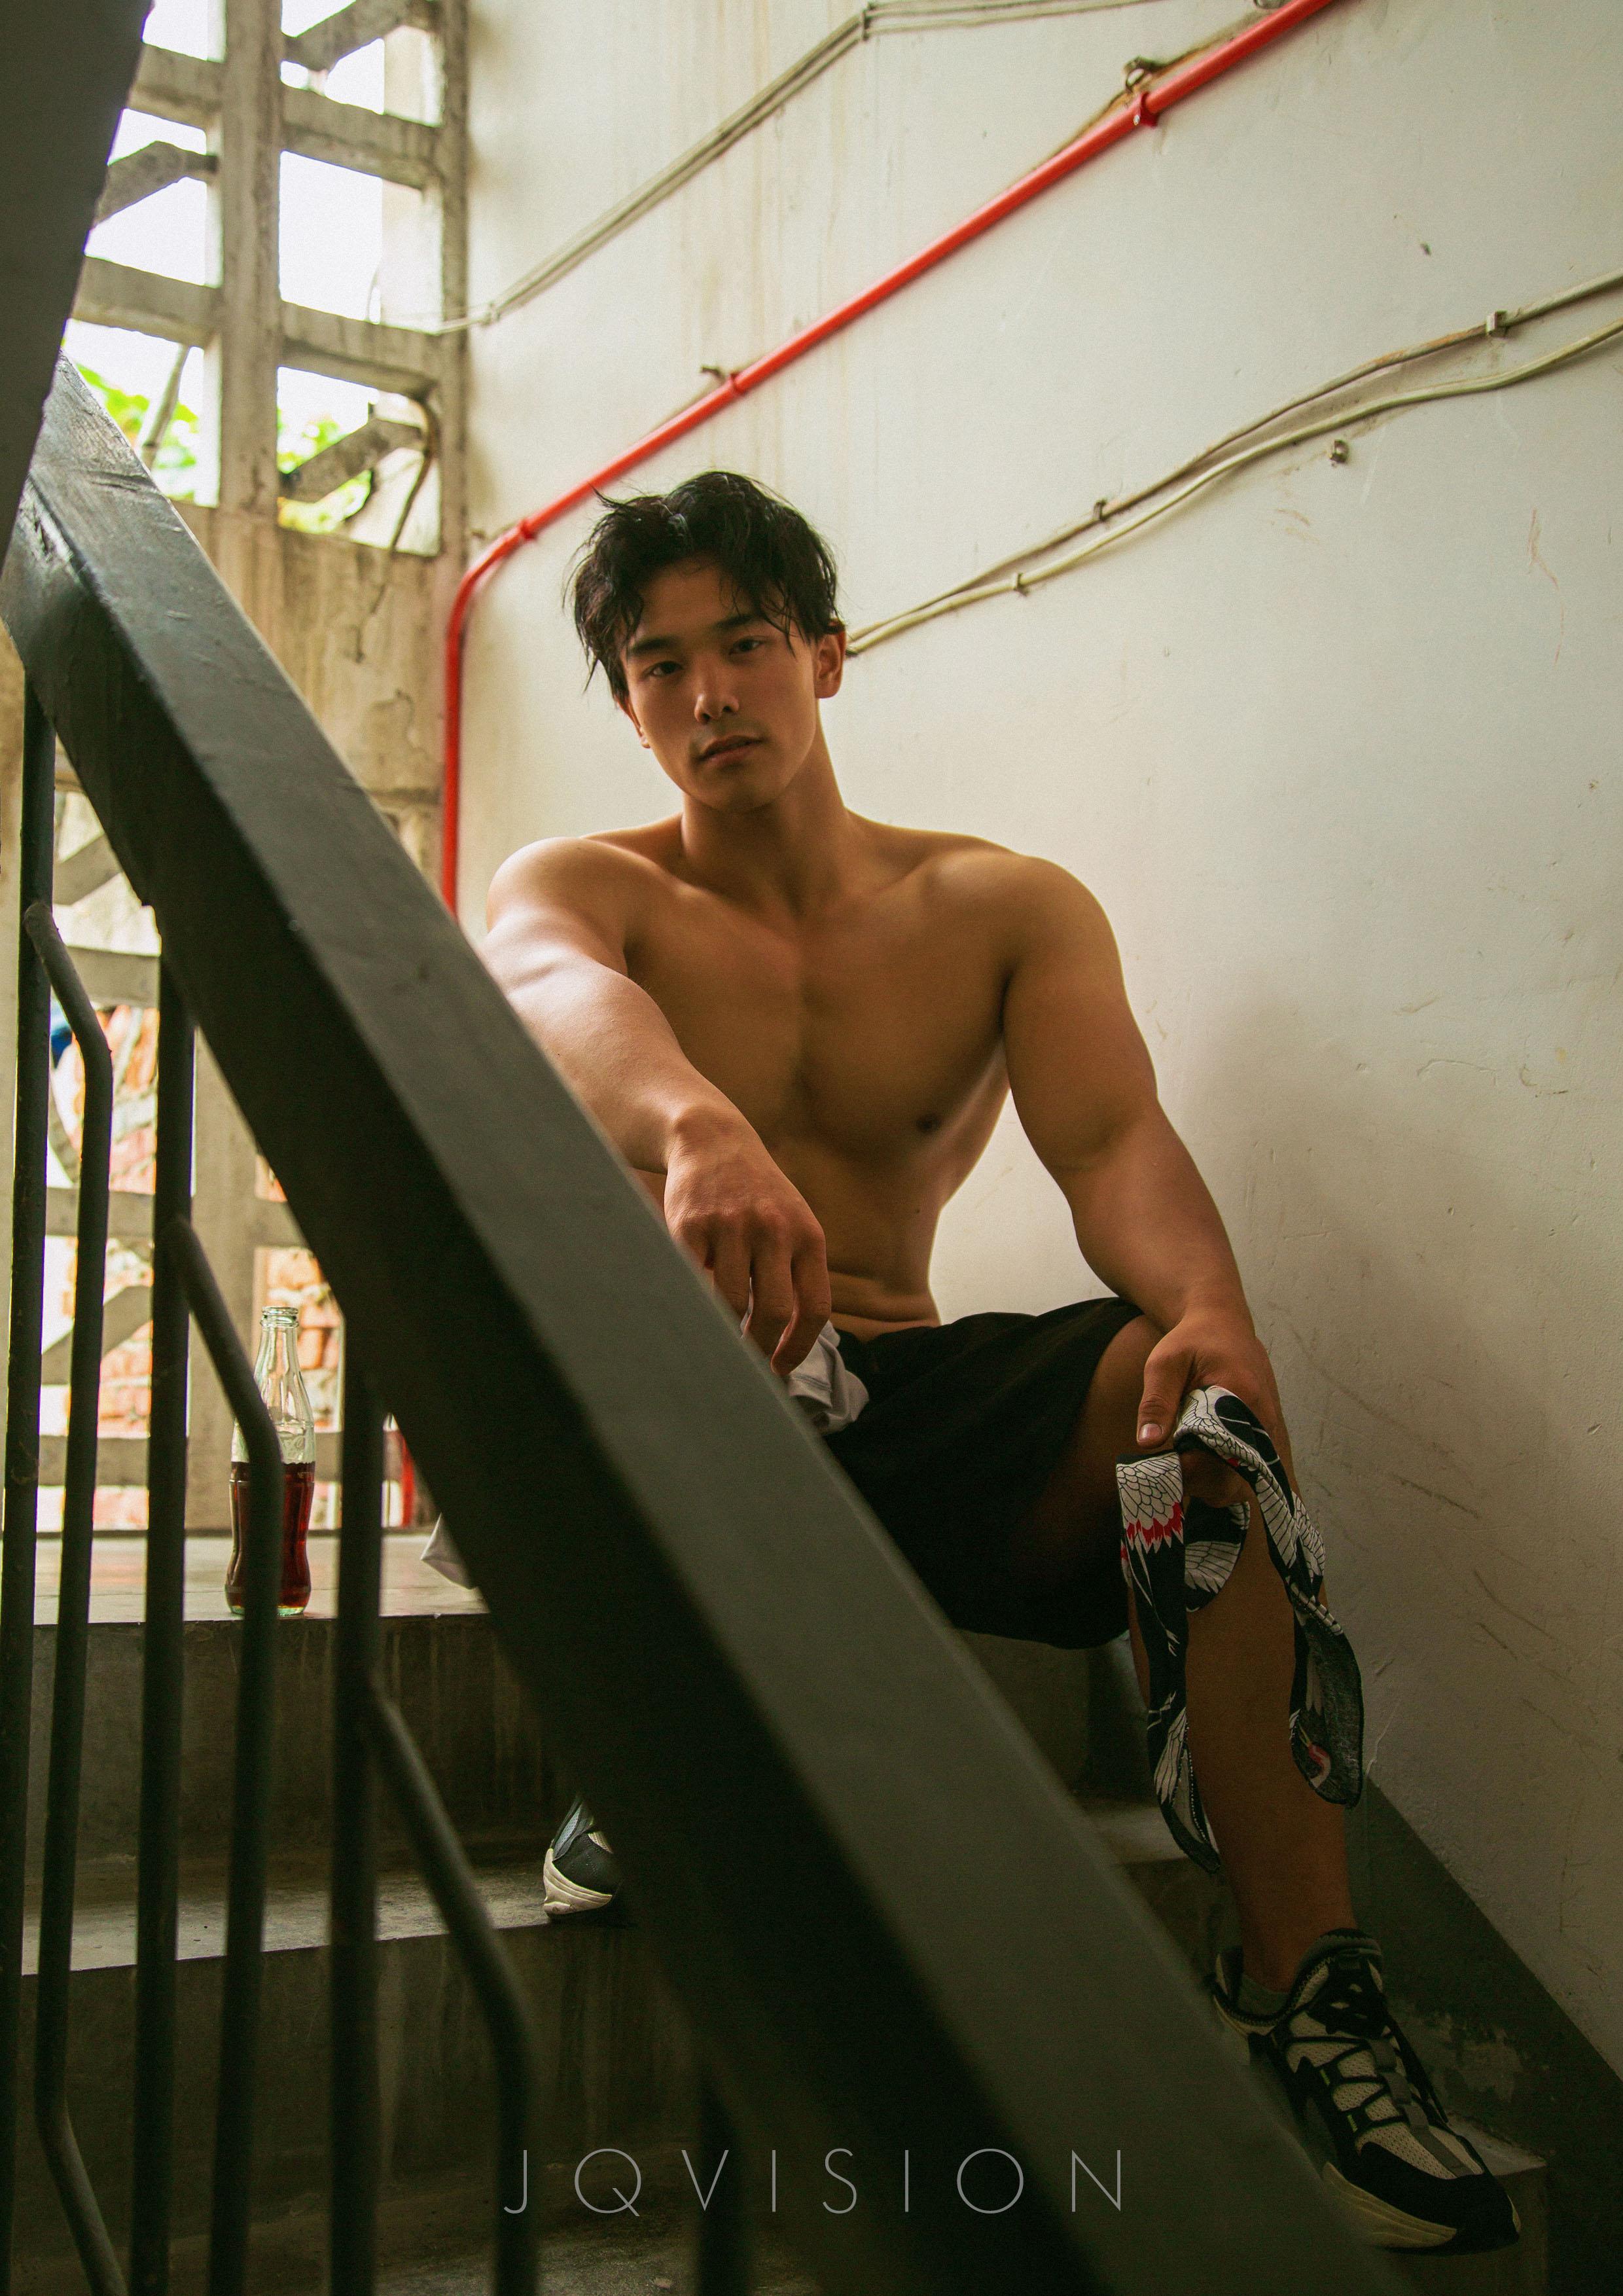 JQVISION 06 | Zeng Haoran, 6 múi đẹp trai quyến rũ